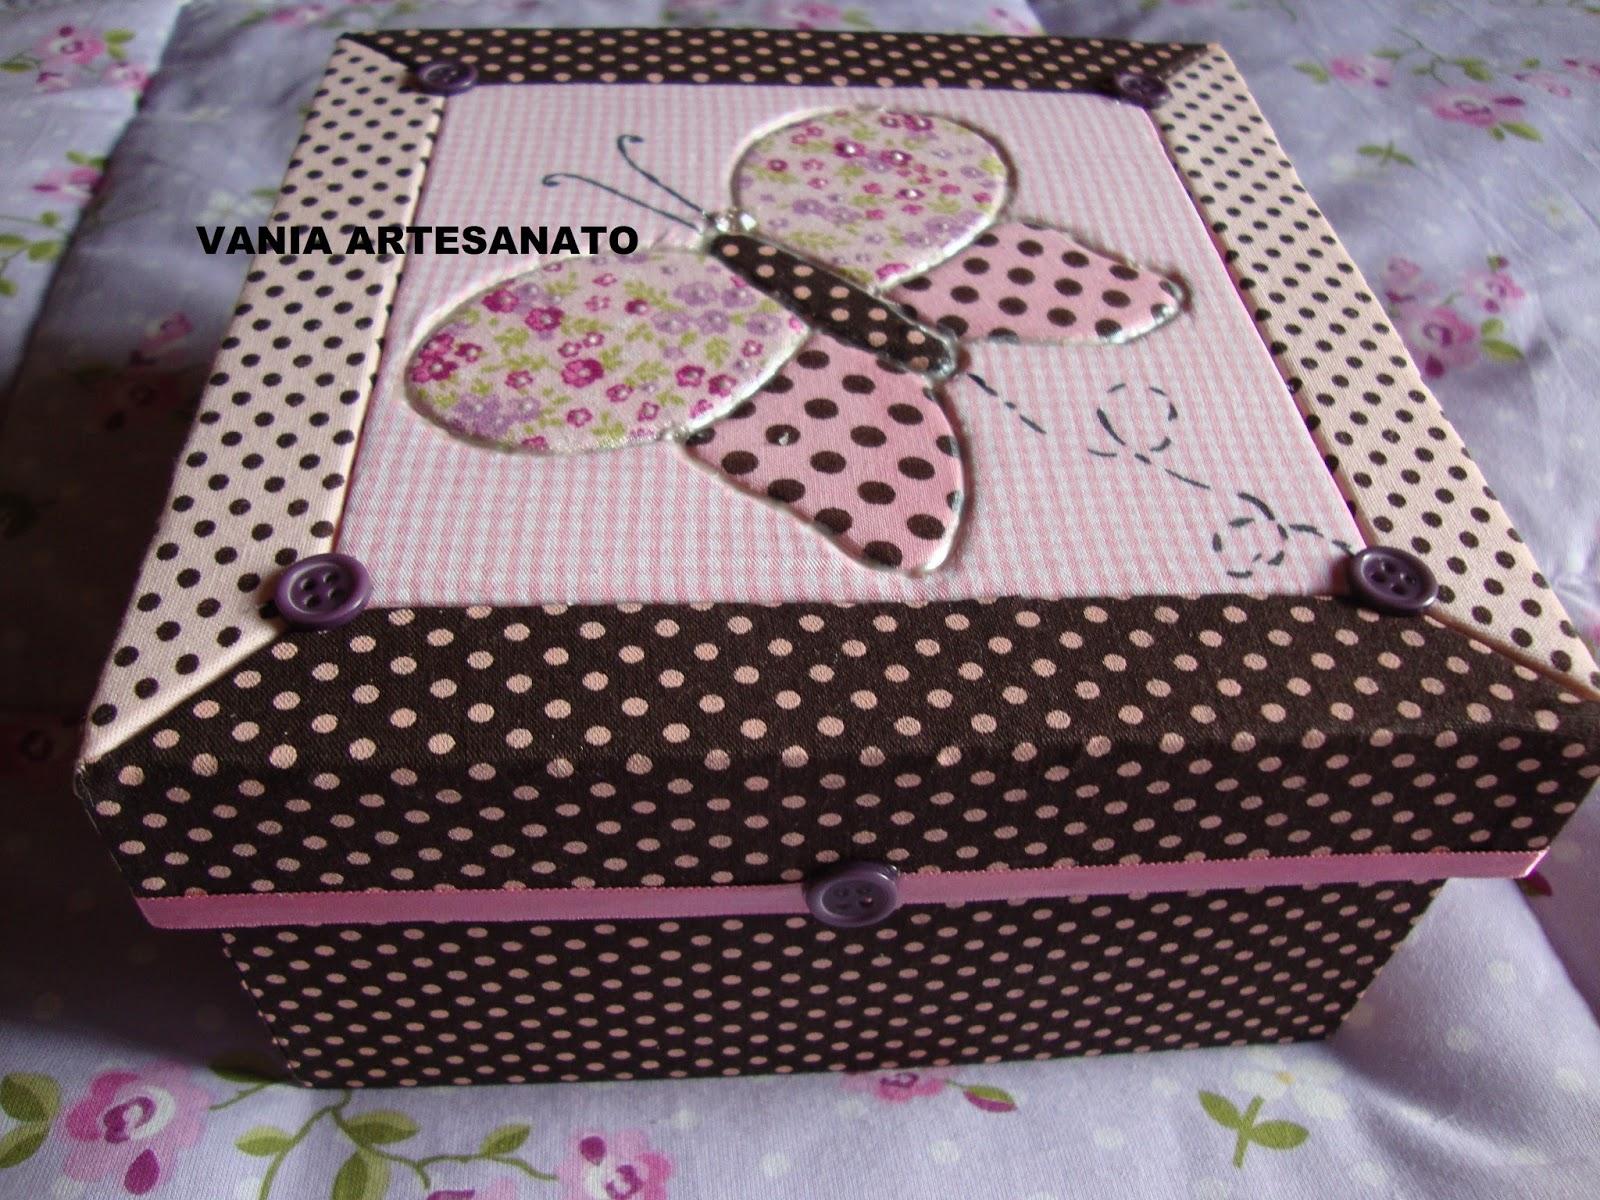 Armario Aereo Cozinha Magazine Luiza ~ Vania artesanato CAIXA TECIDO COM PATCHWORK SEM COSTURA